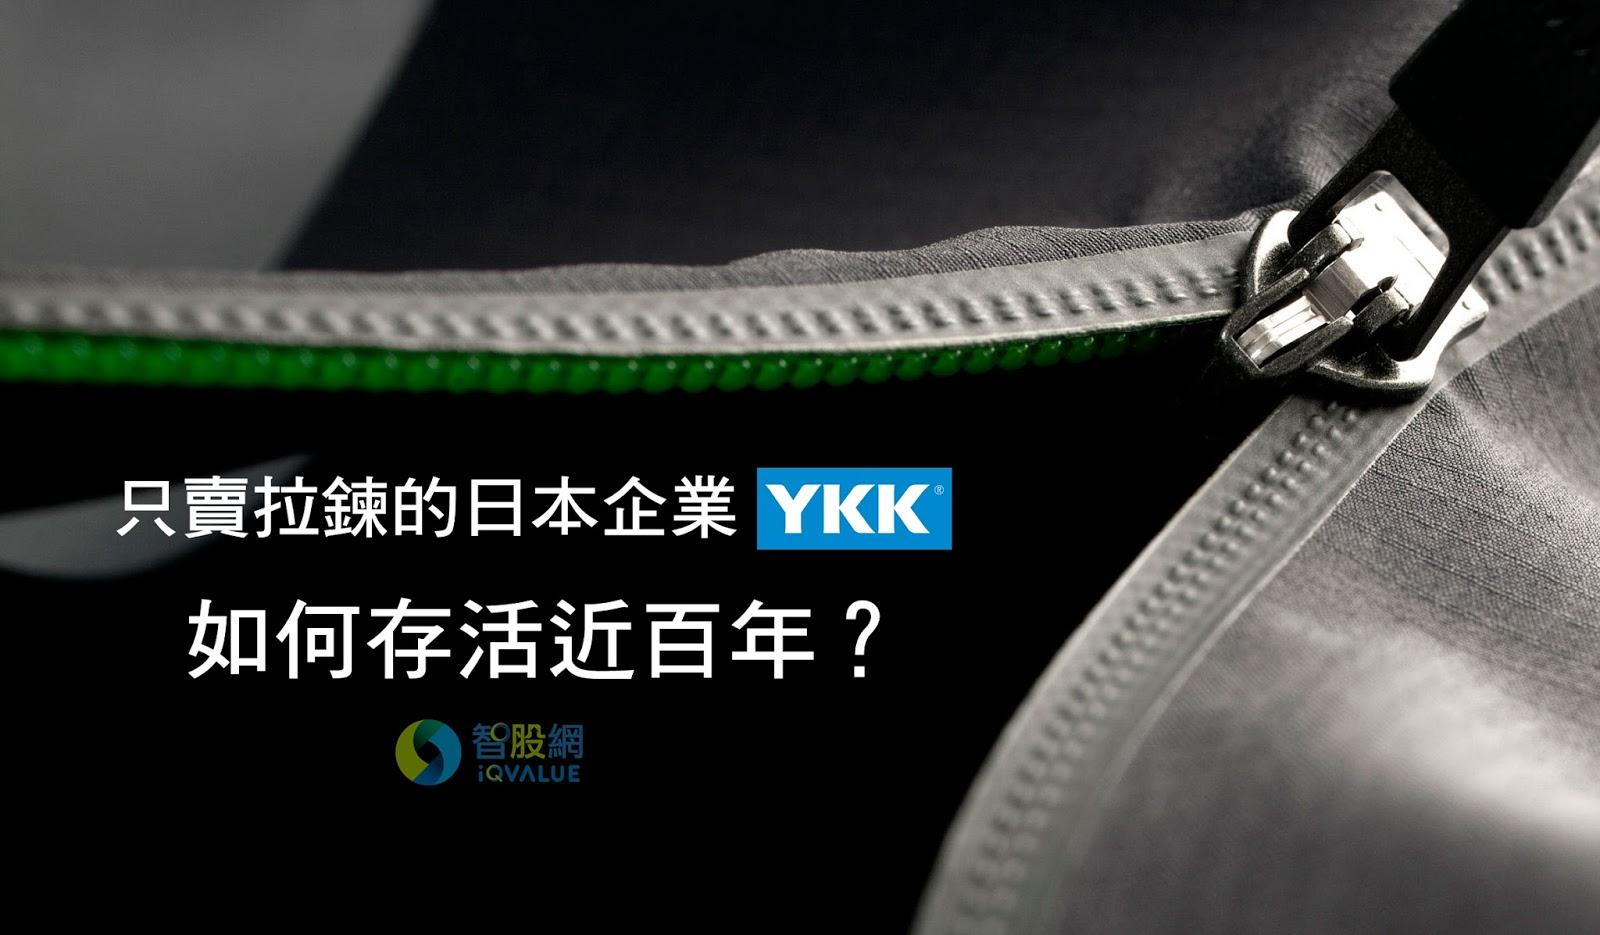 智股網-知識就是力量: 只賣拉鍊的「YKK」日本企業,如何存活近百年?